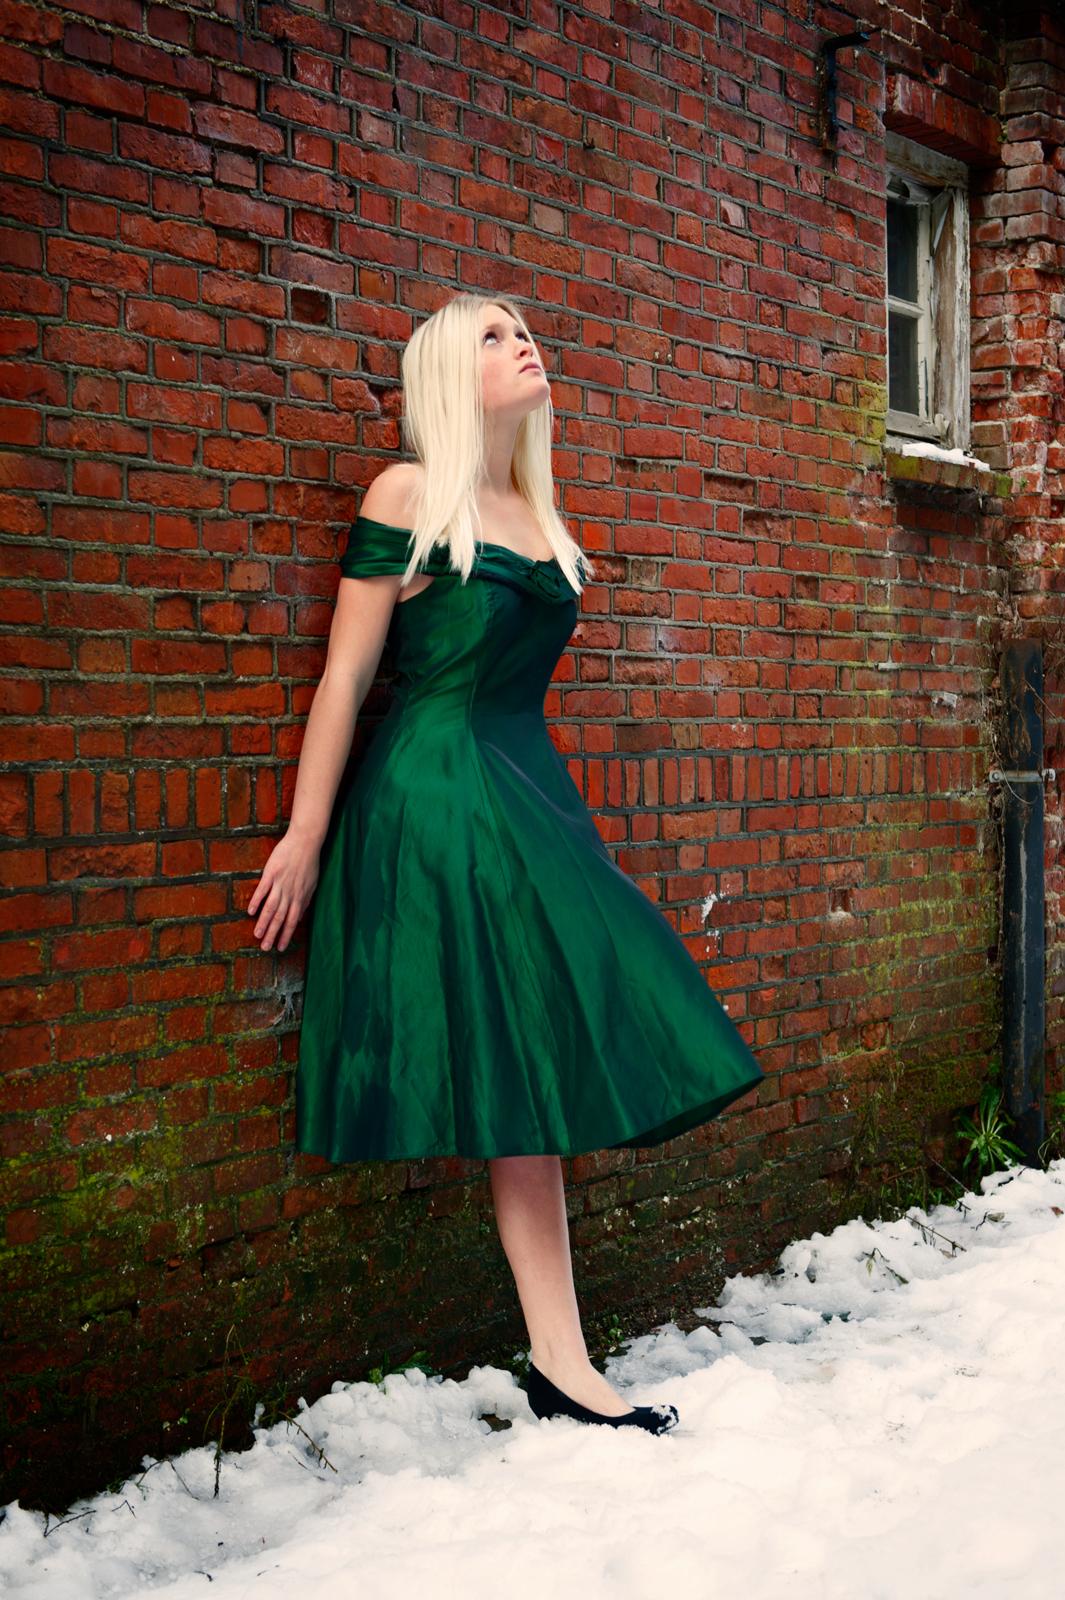 Vrouw leunt tegen muur met groene jurk aan